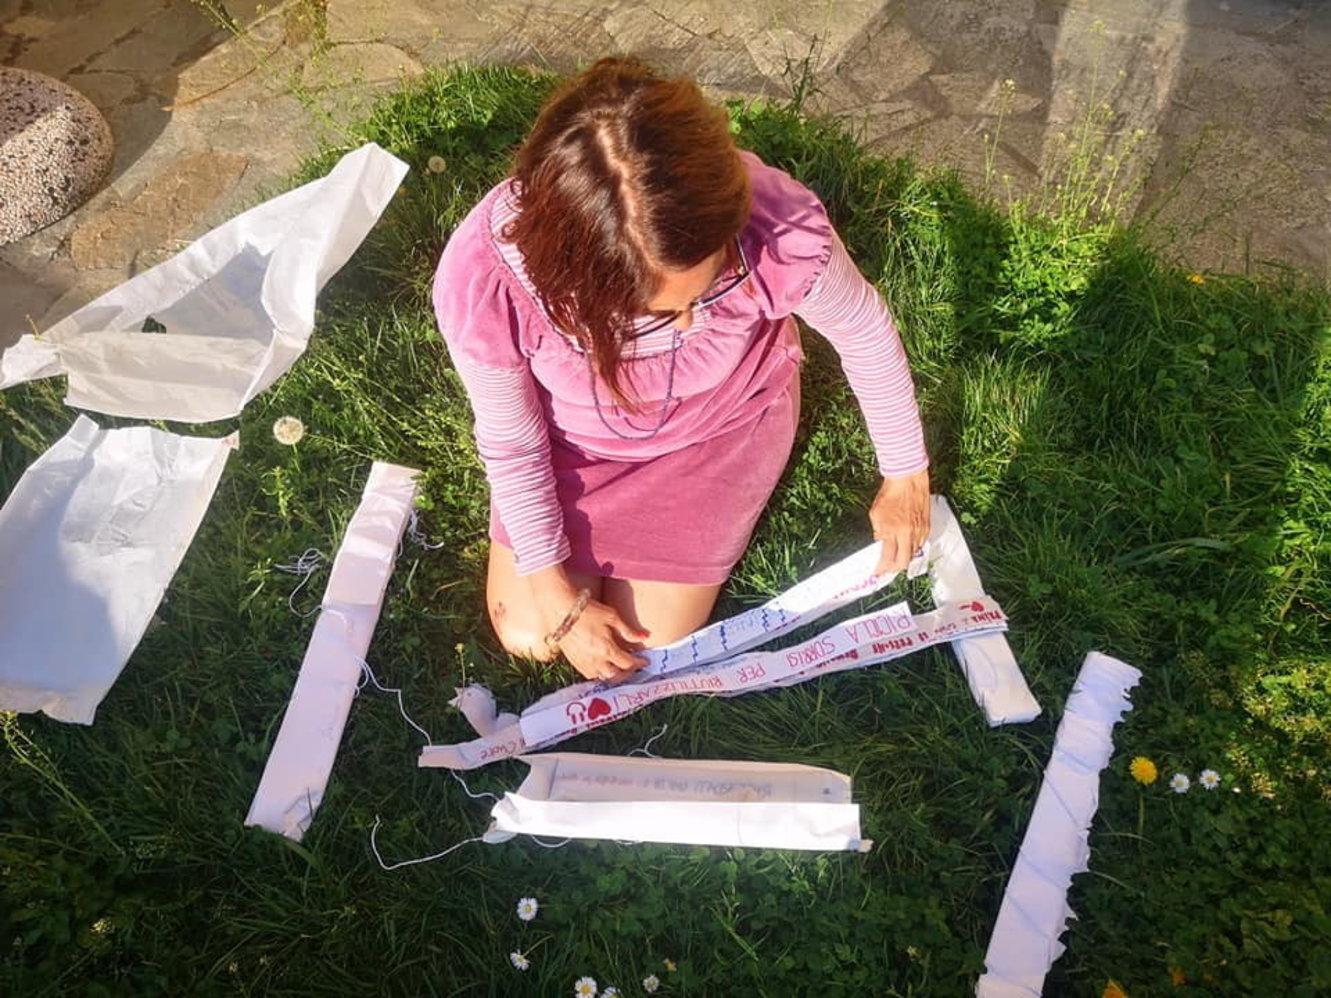 Strisce di tessuto di scarto con messaggi di felicità: dalla Ligurial'arte che